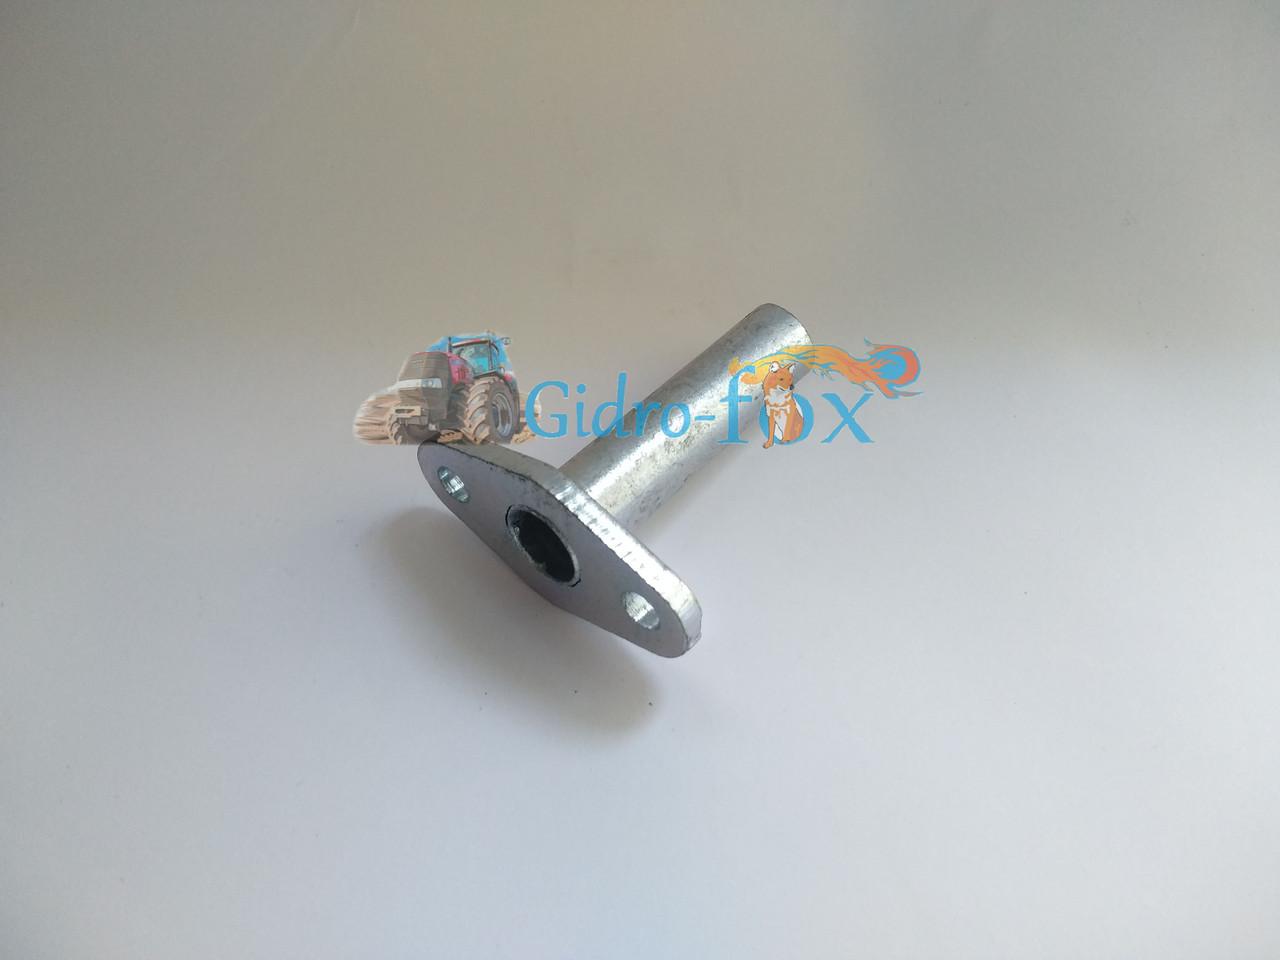 Трубка сливная МТЗ, ЮМЗ (Д-245, Д-240, Д-65) отвода масла ТКР-6, ТКР-7Н-2А Кт.Н. 245-1118030-В